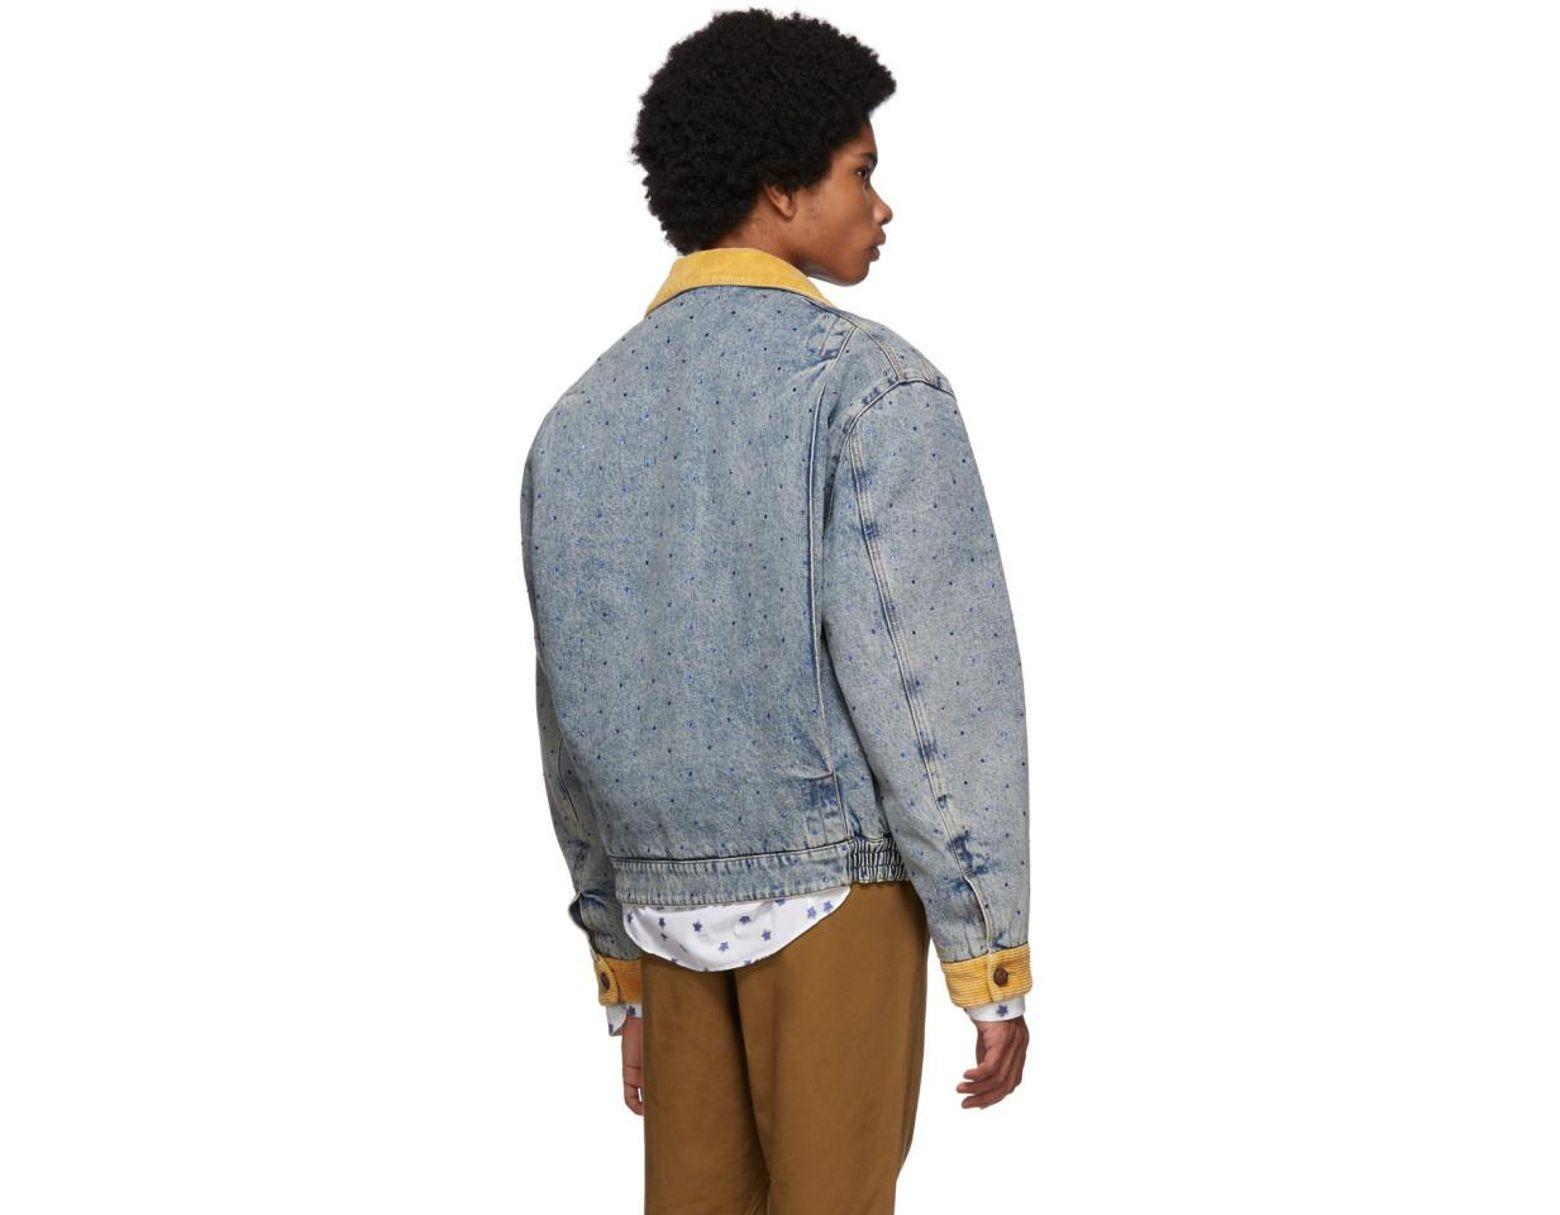 386ddd50b Gucci Blue Denim Rhinestone Jacket in Blue for Men - Lyst